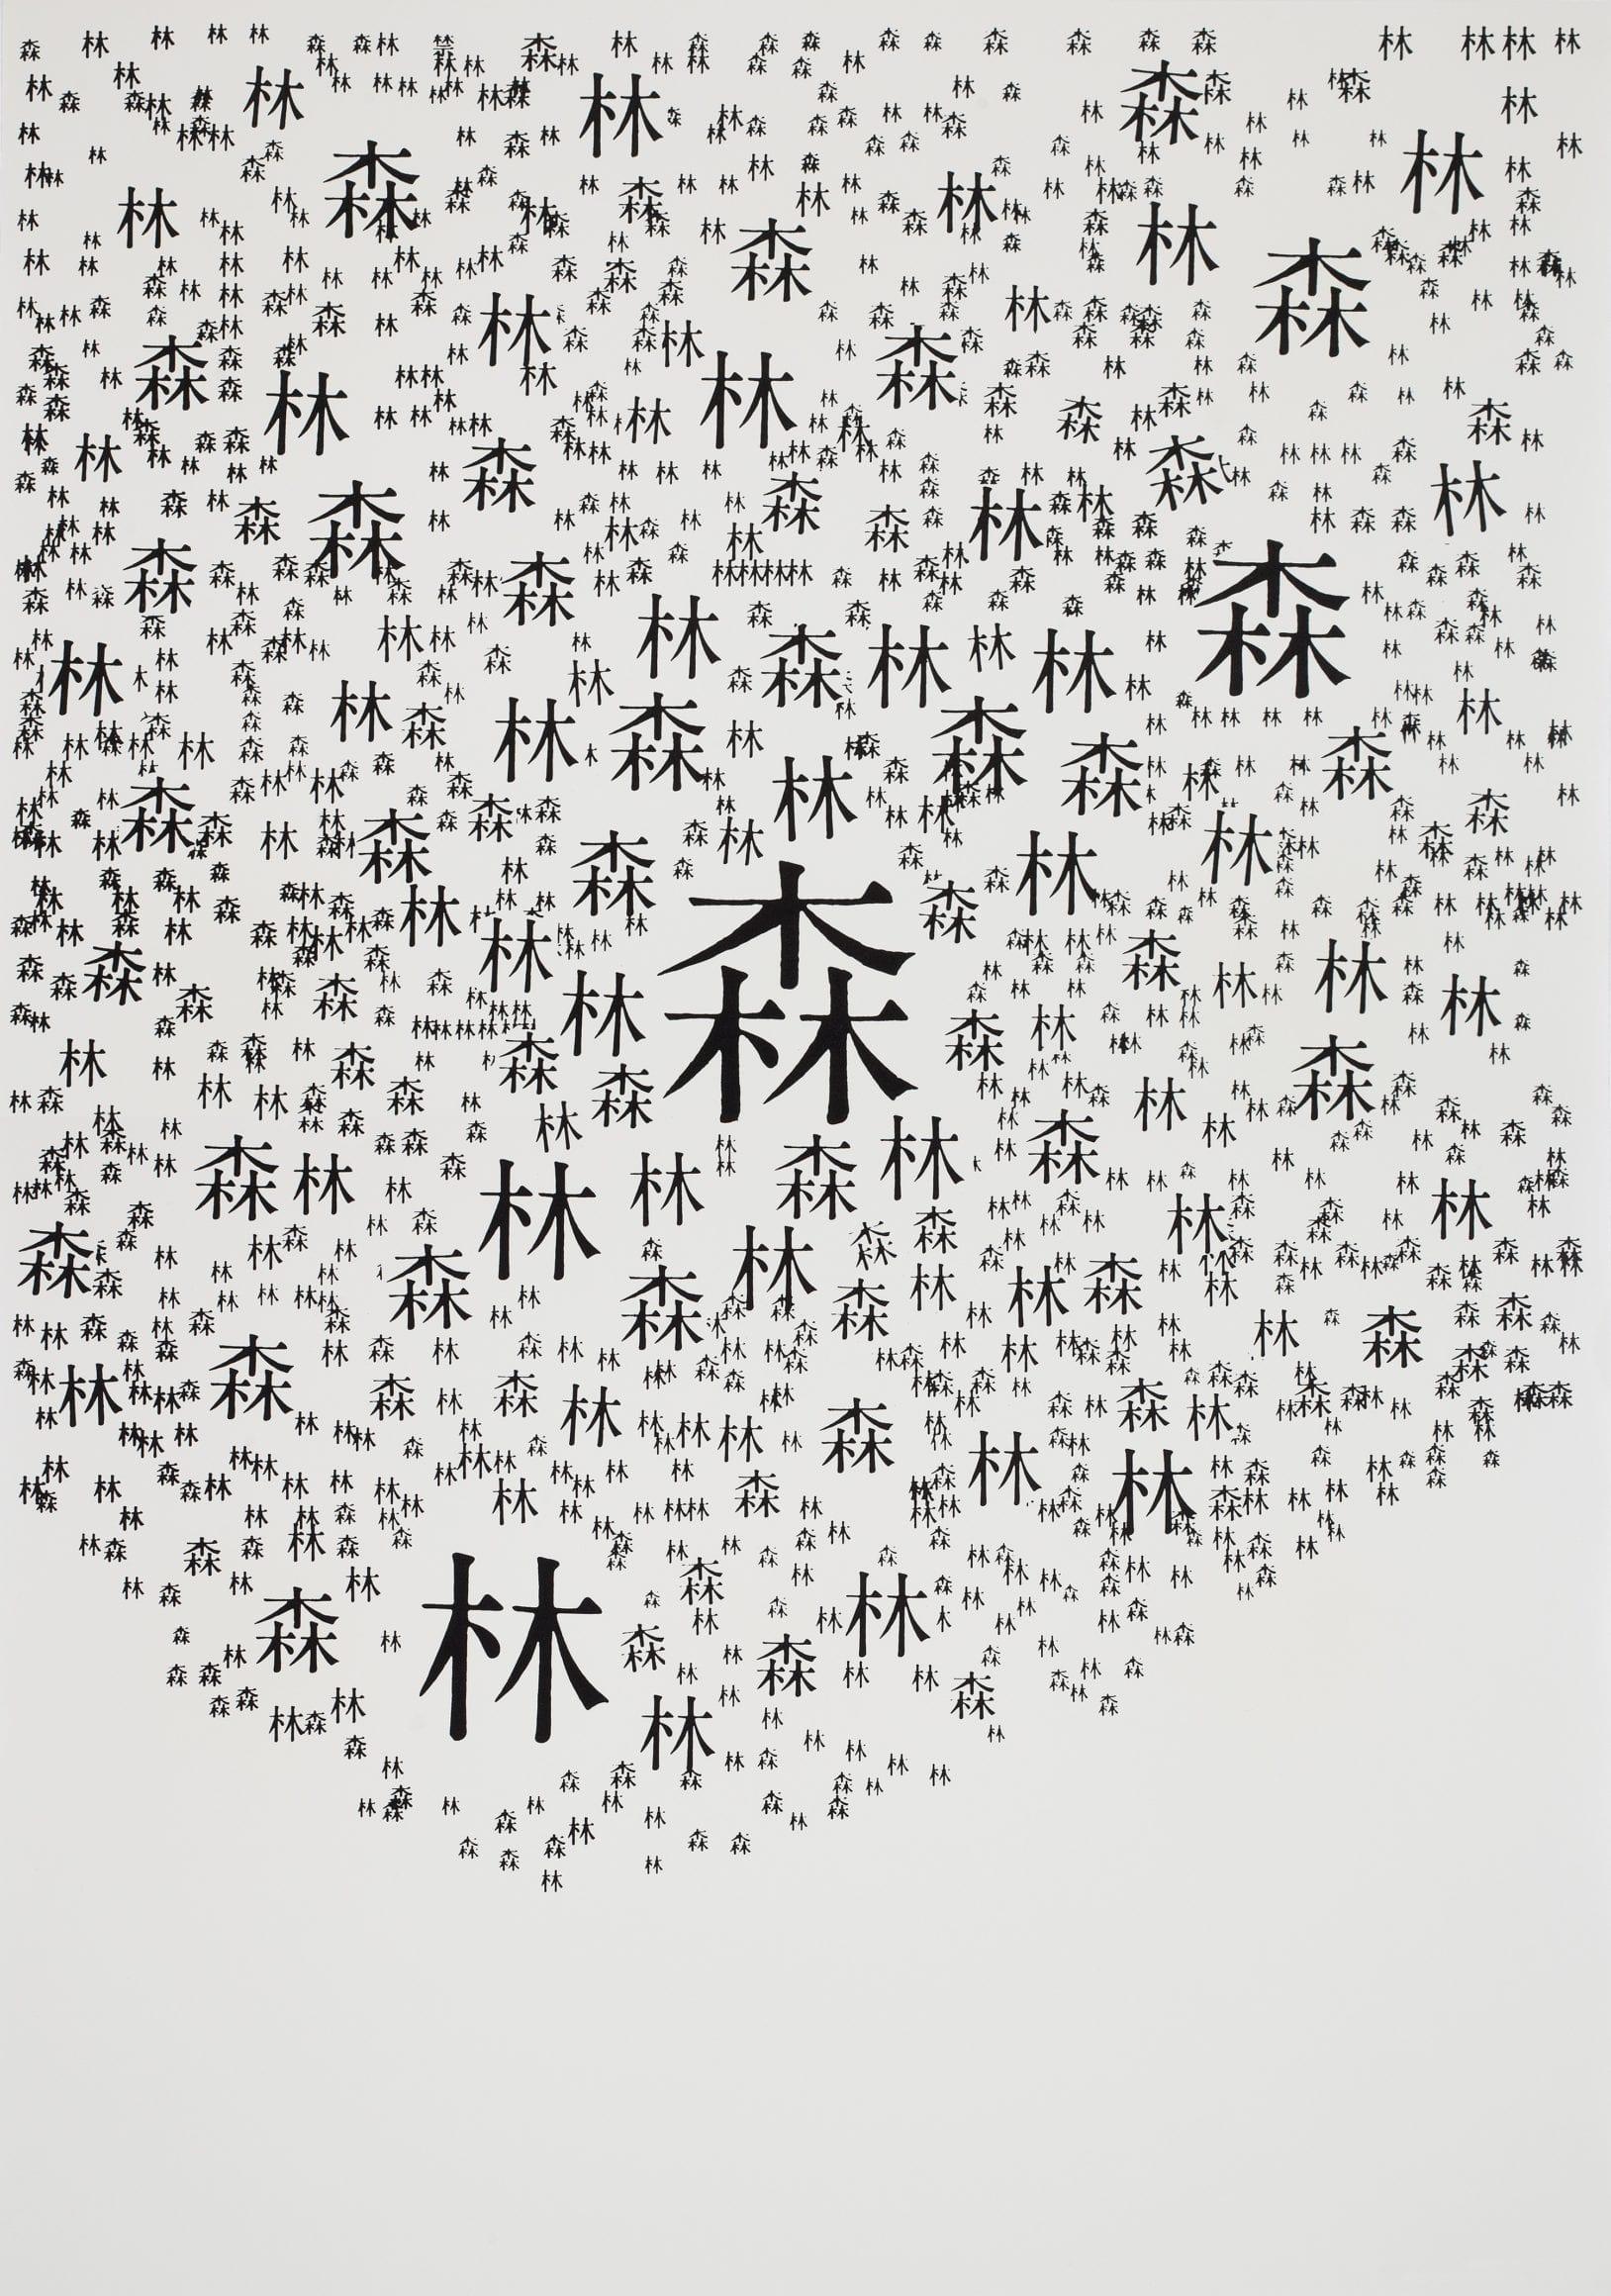 yamashiro199420315 3 - Farebné Japonsko prezentujú inšpiratívne plagáty